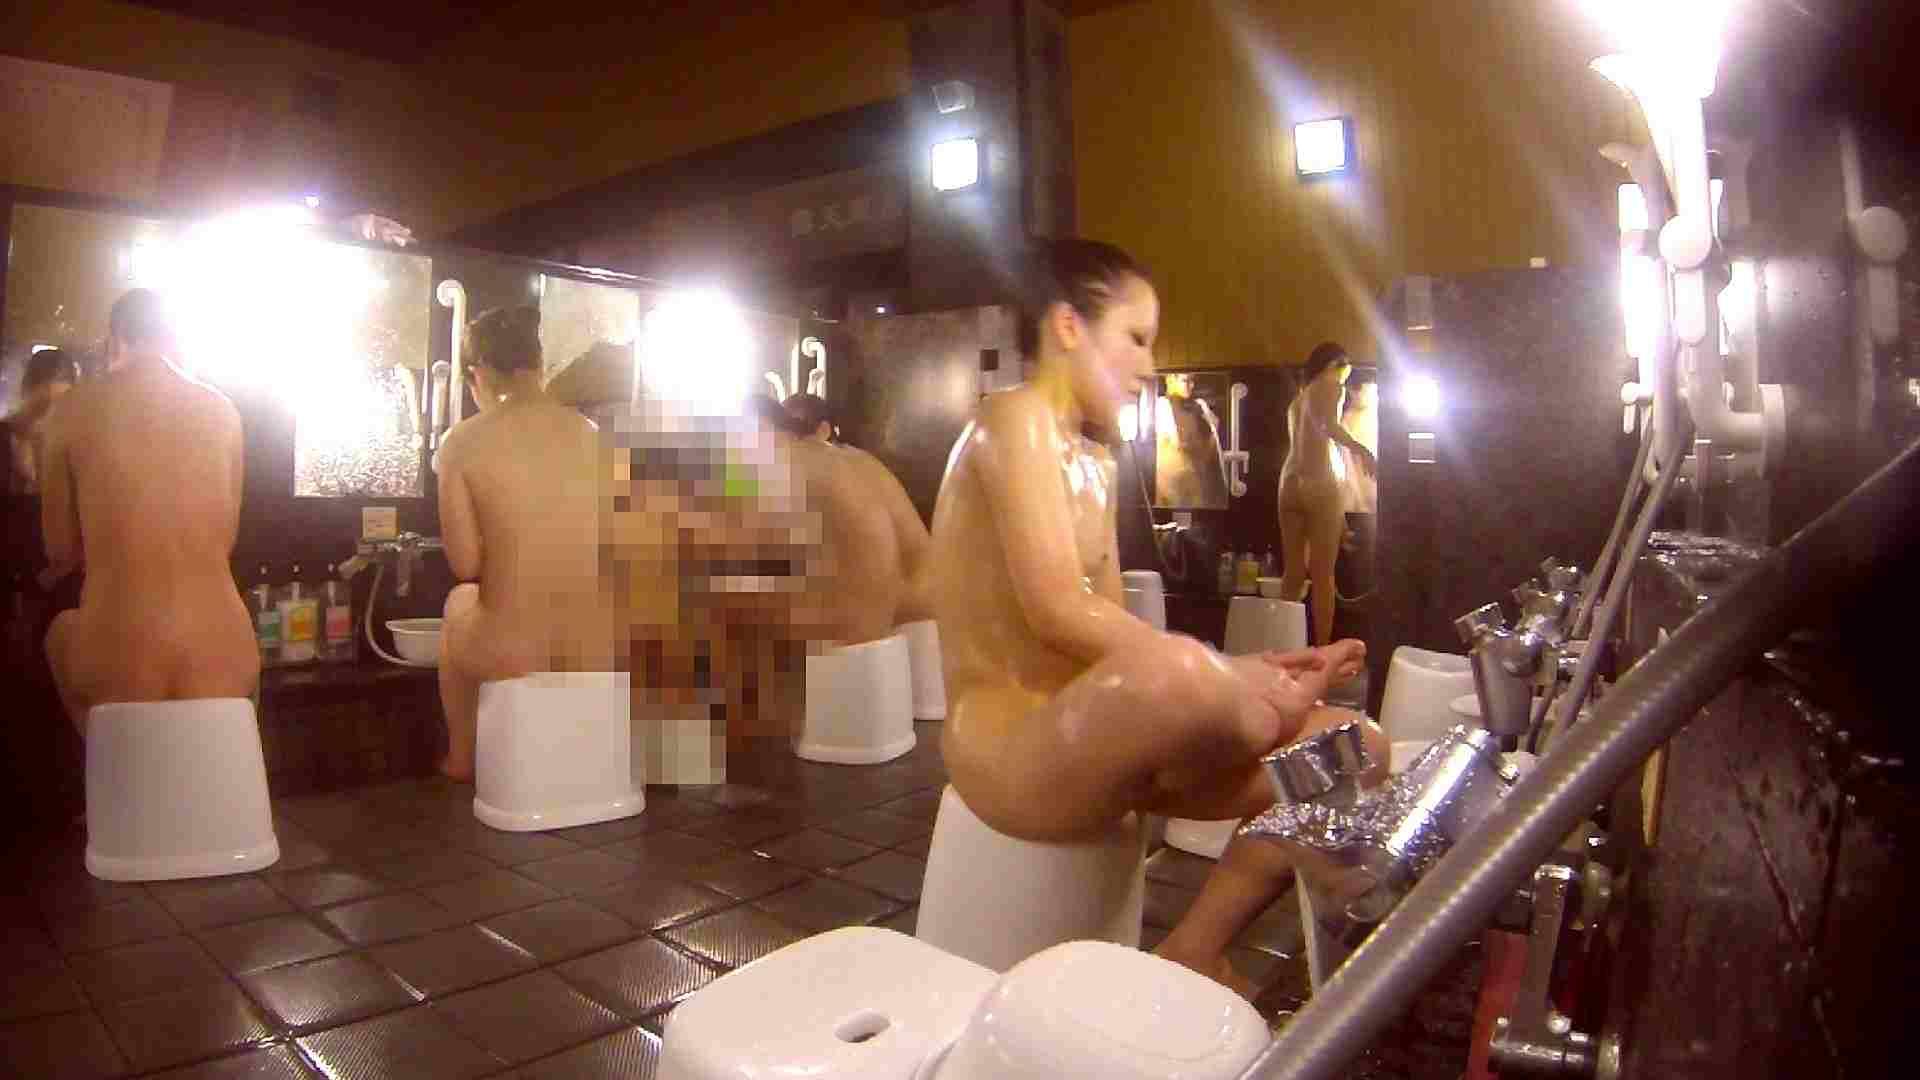 洗い場!貧乳ケバギャル発見! 銭湯着替え  54画像 6